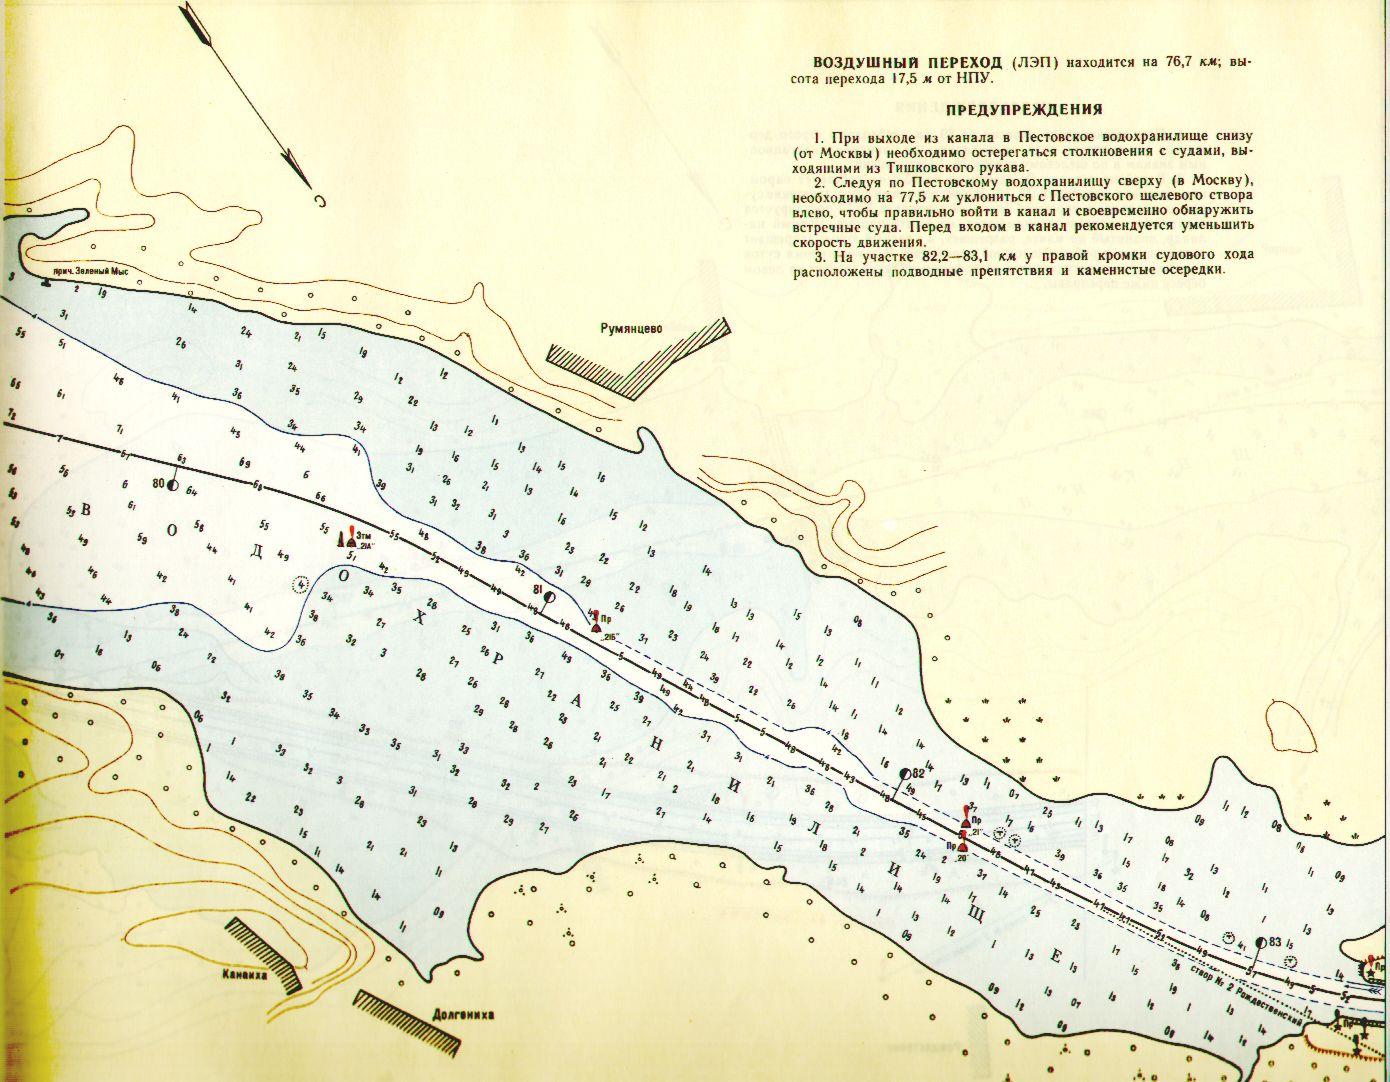 места для рыбалки на пестовском водохранилище